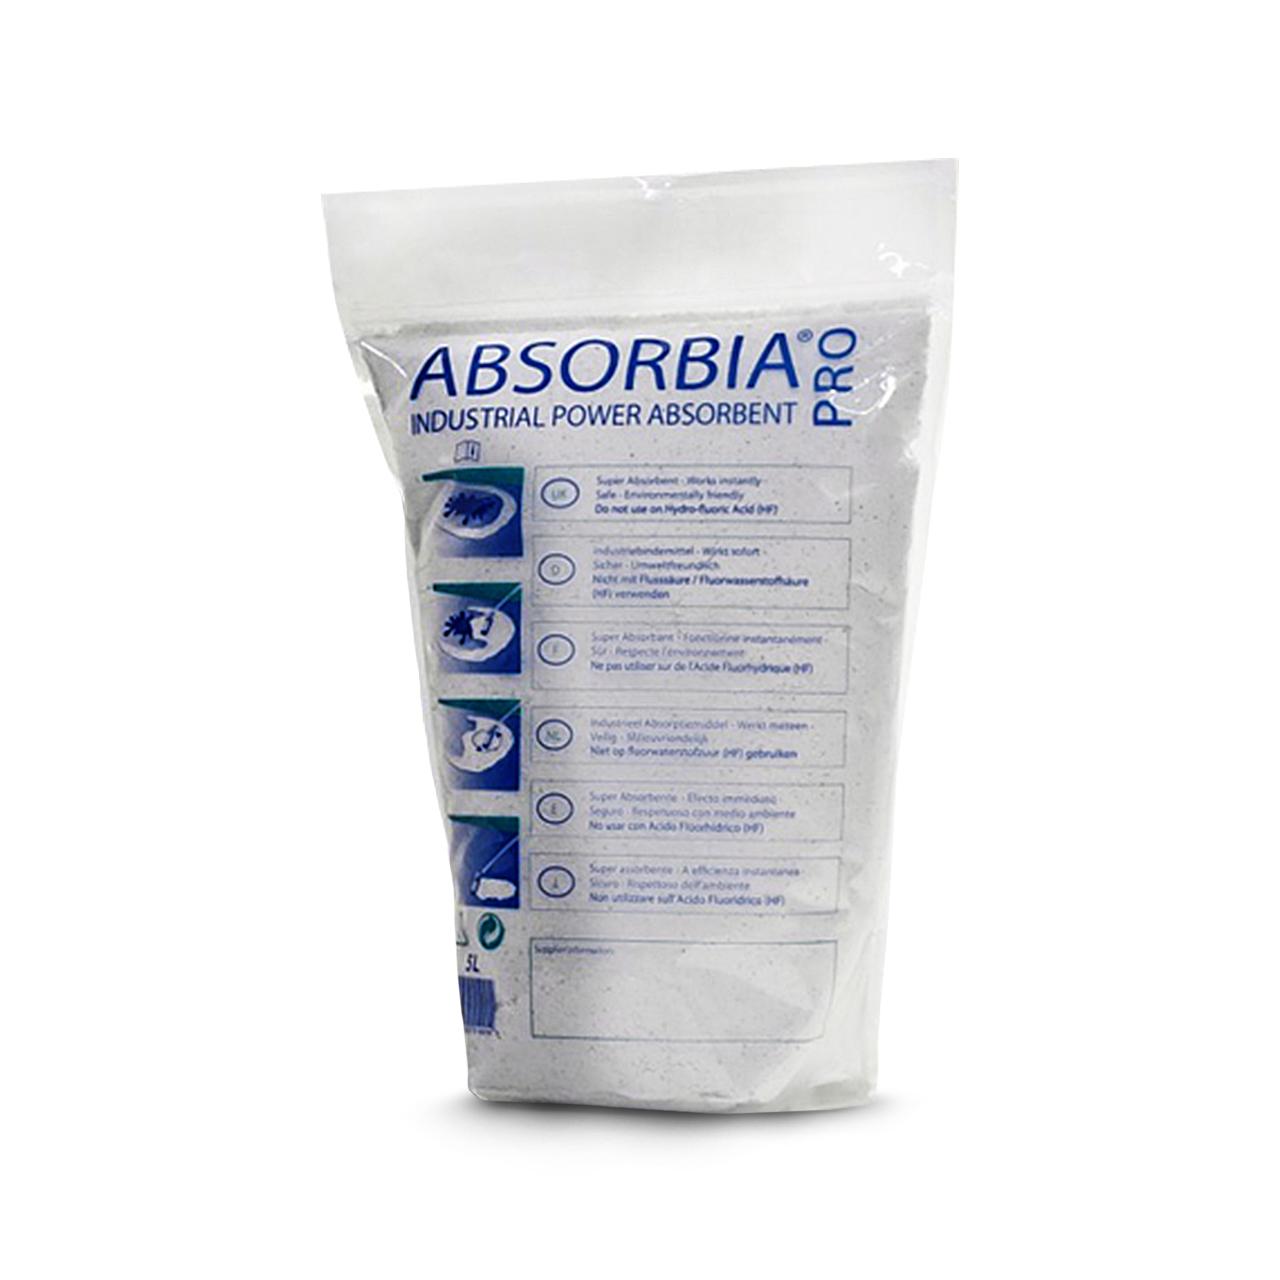 Universal Bindemittel Absorbia Pro Power 5 Liter Beutel